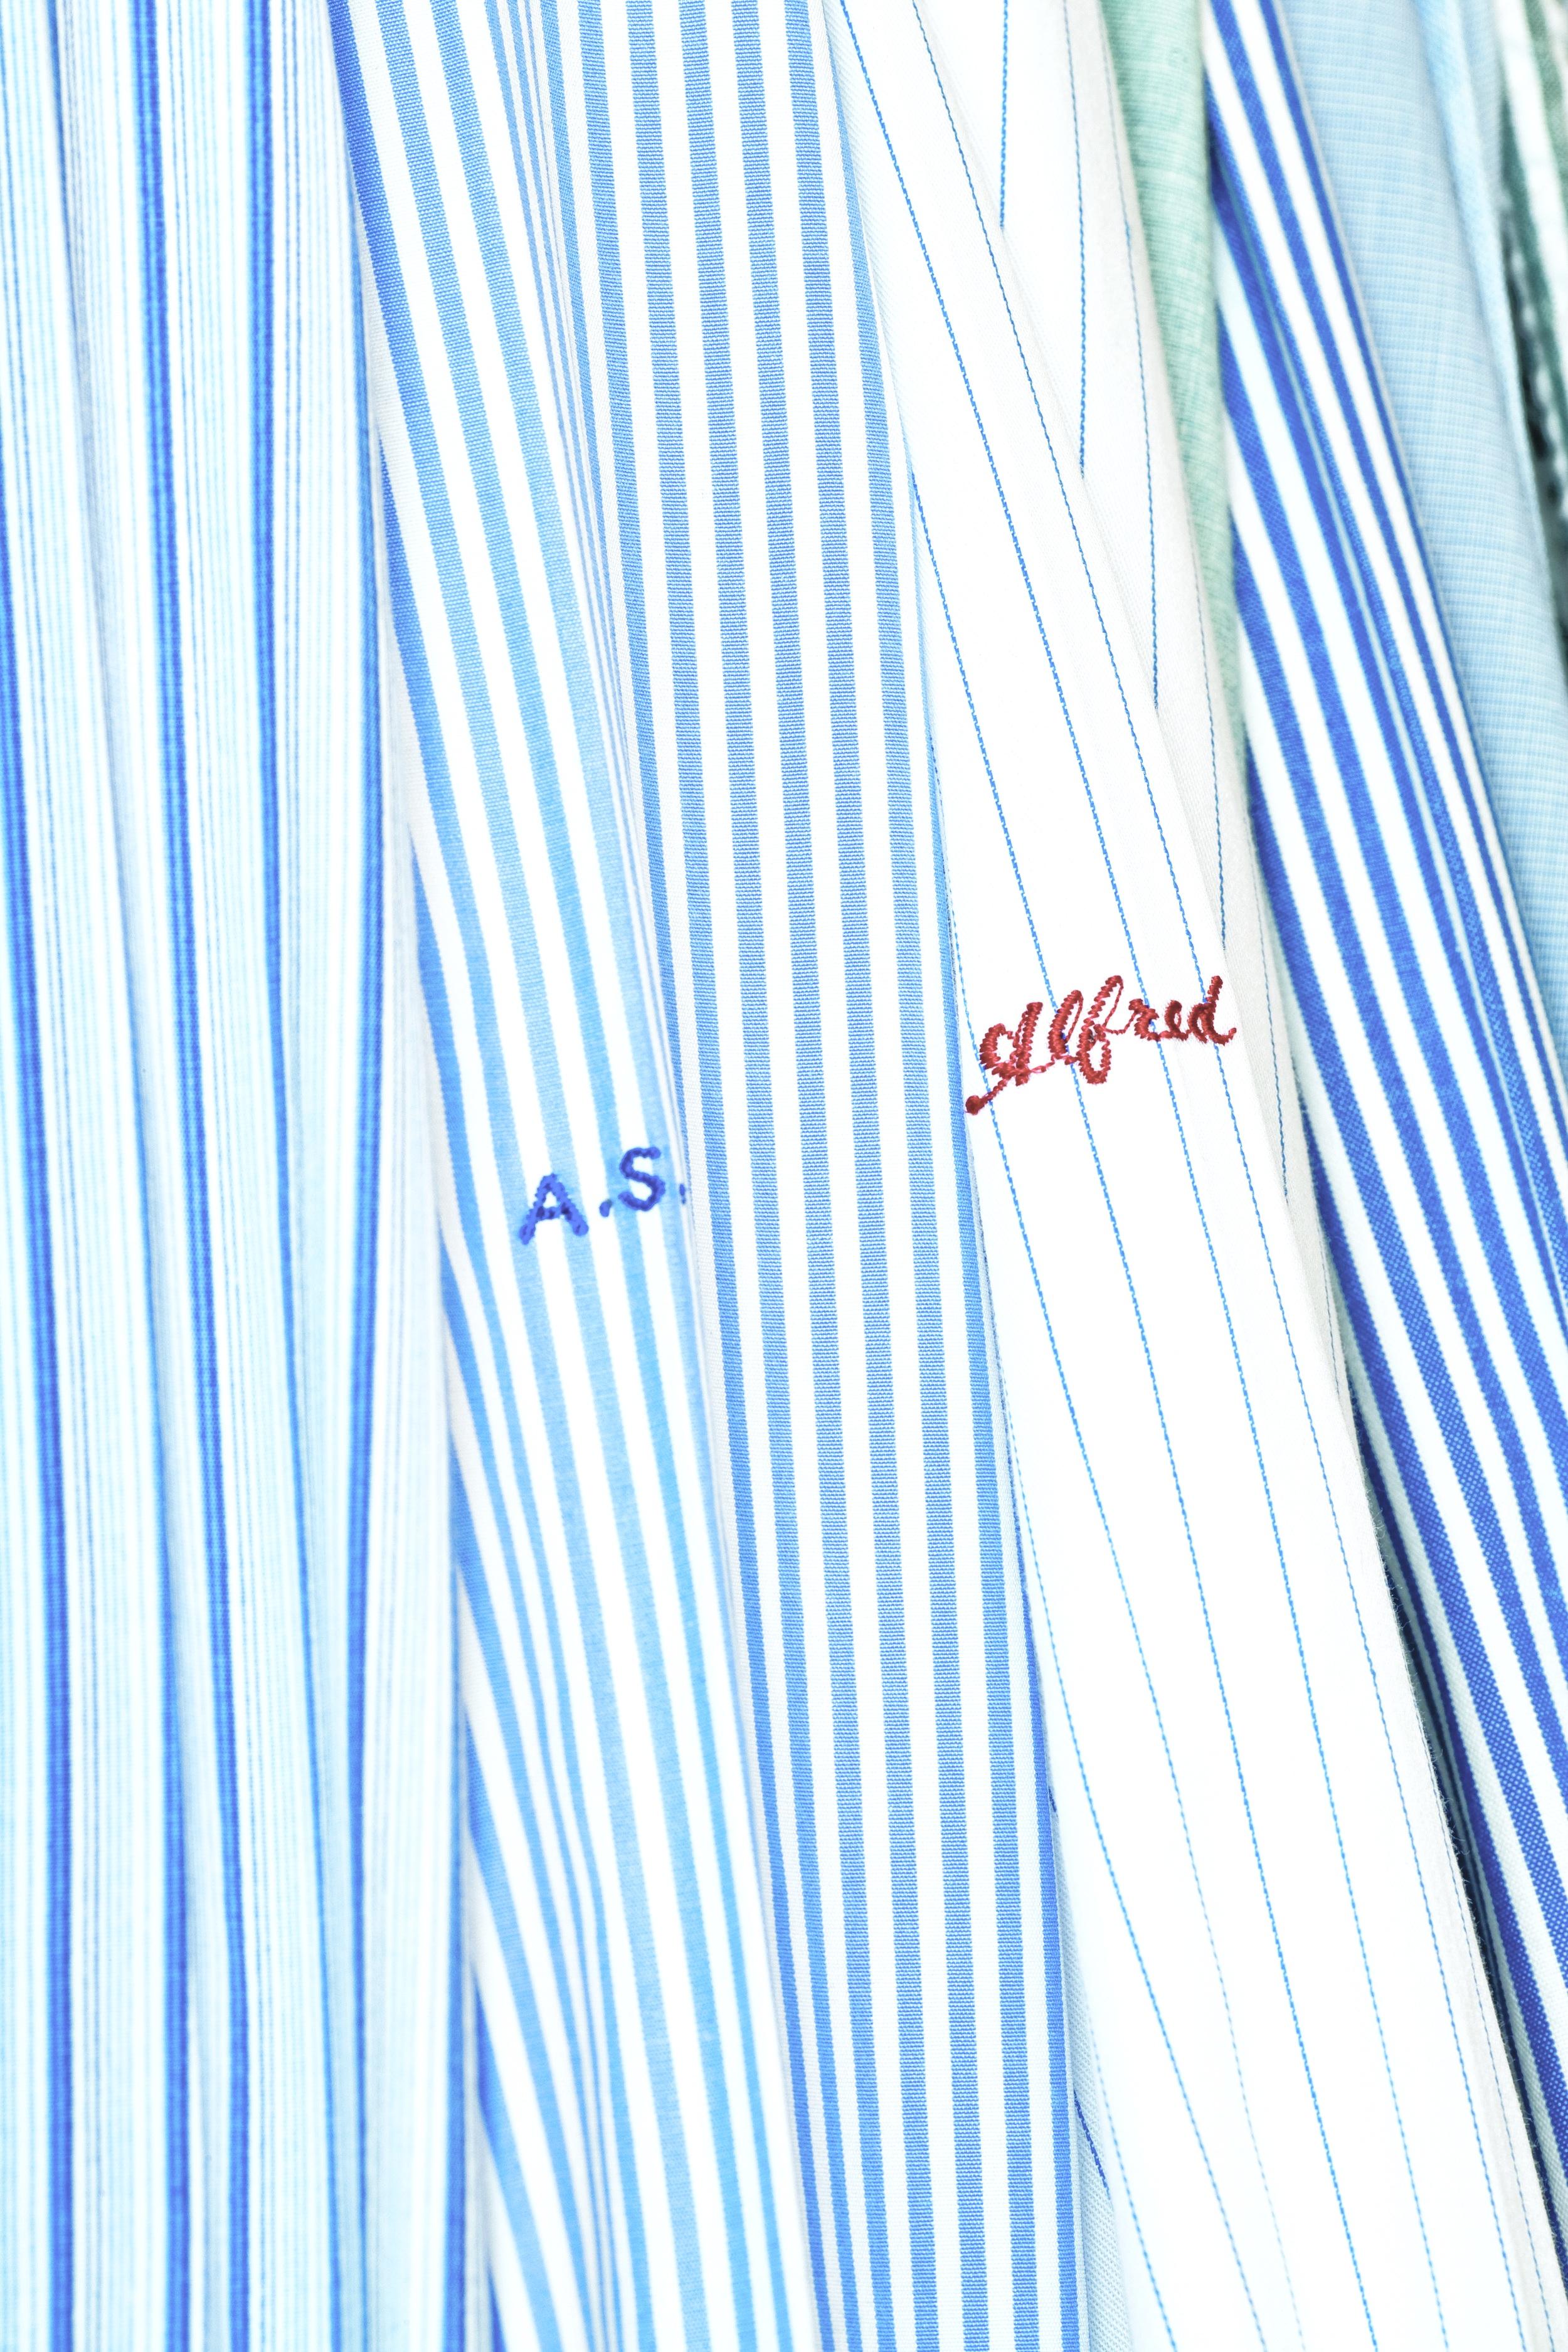 Alfred's shirt closet.